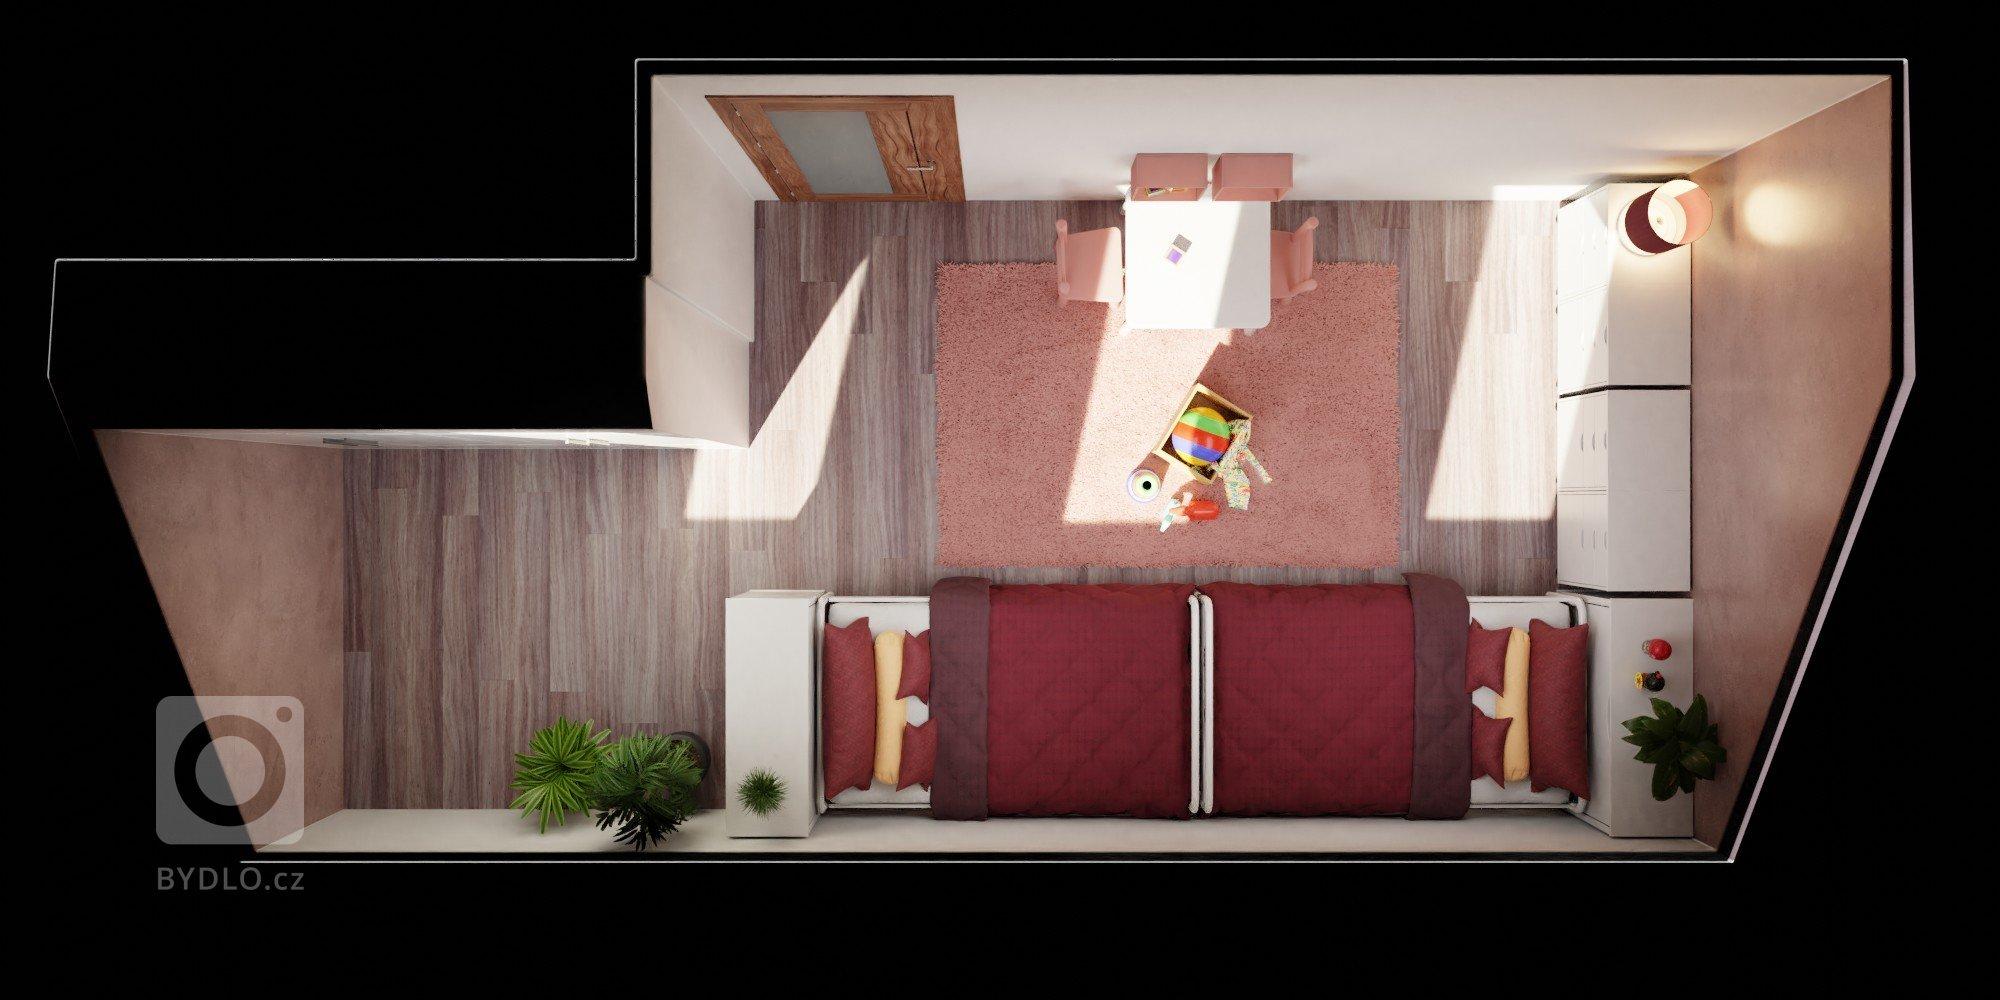 Paní domu si přála navrhnout pokojíček pro dvě dcerky zatím předškolního věku. V plánu je pokojíček zařizovat postupně a vizualizace má sloužit jako plán…